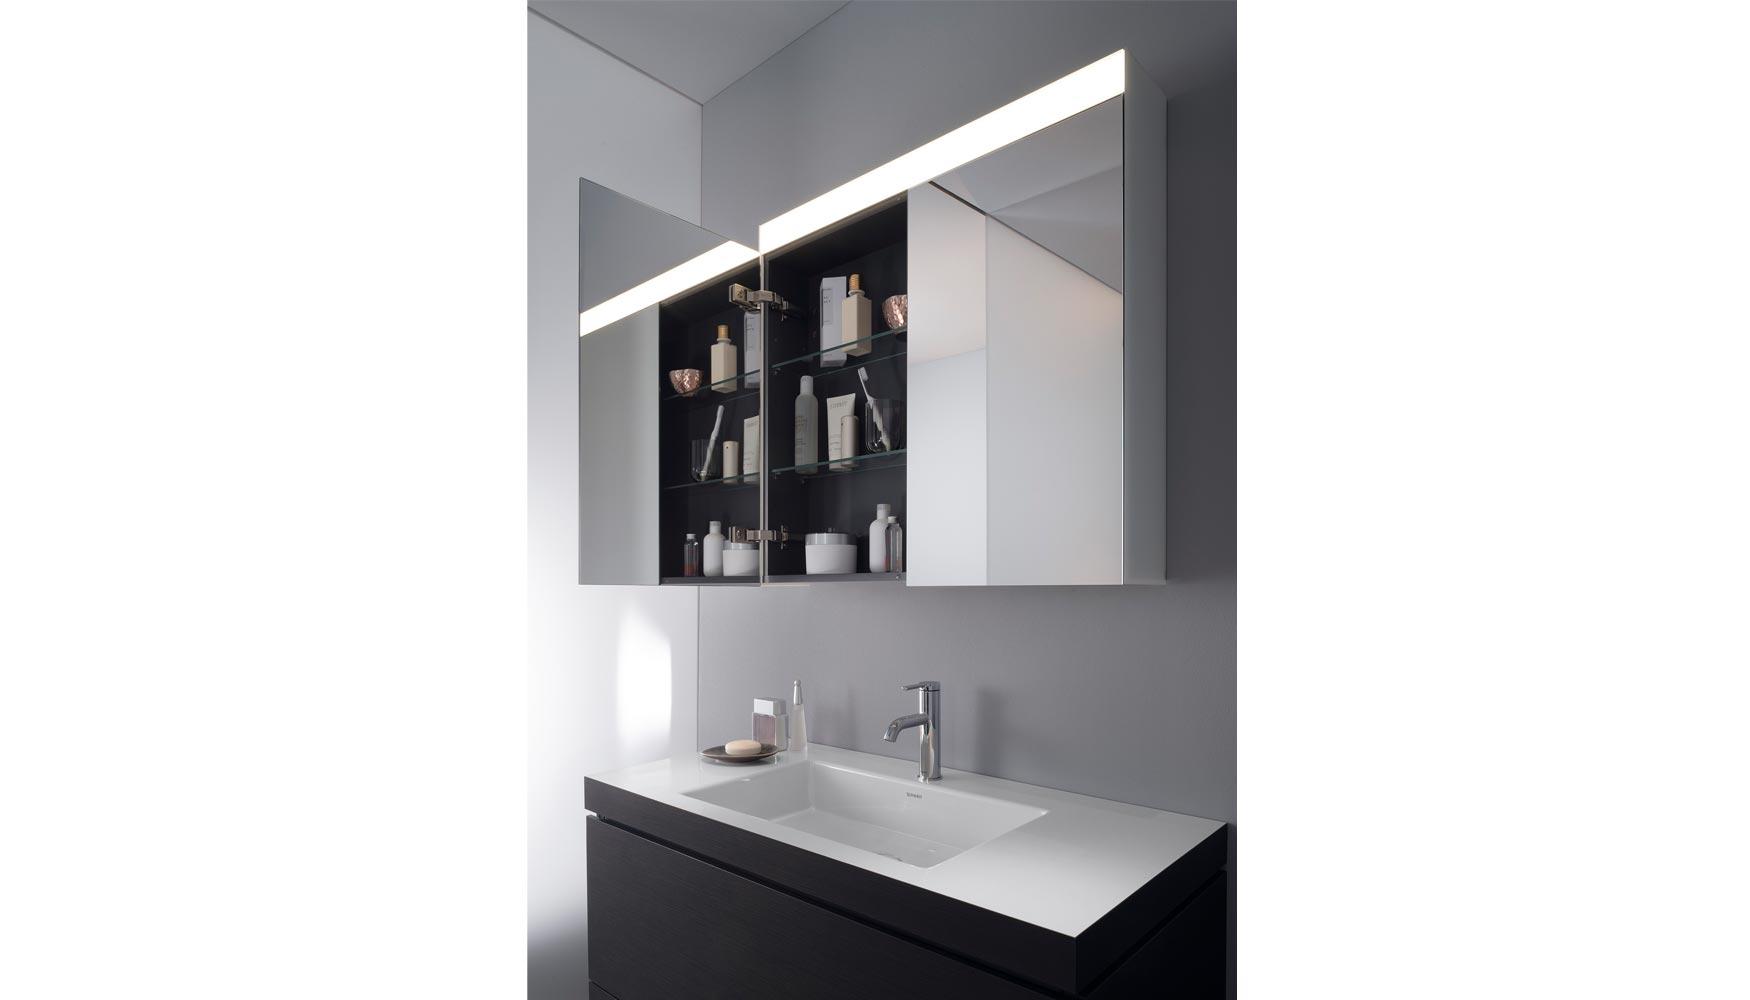 Duravit Presenta Nuevos Muebles De Espejos Decoraci N E Interiorismo # Muebles Efecto Espejo